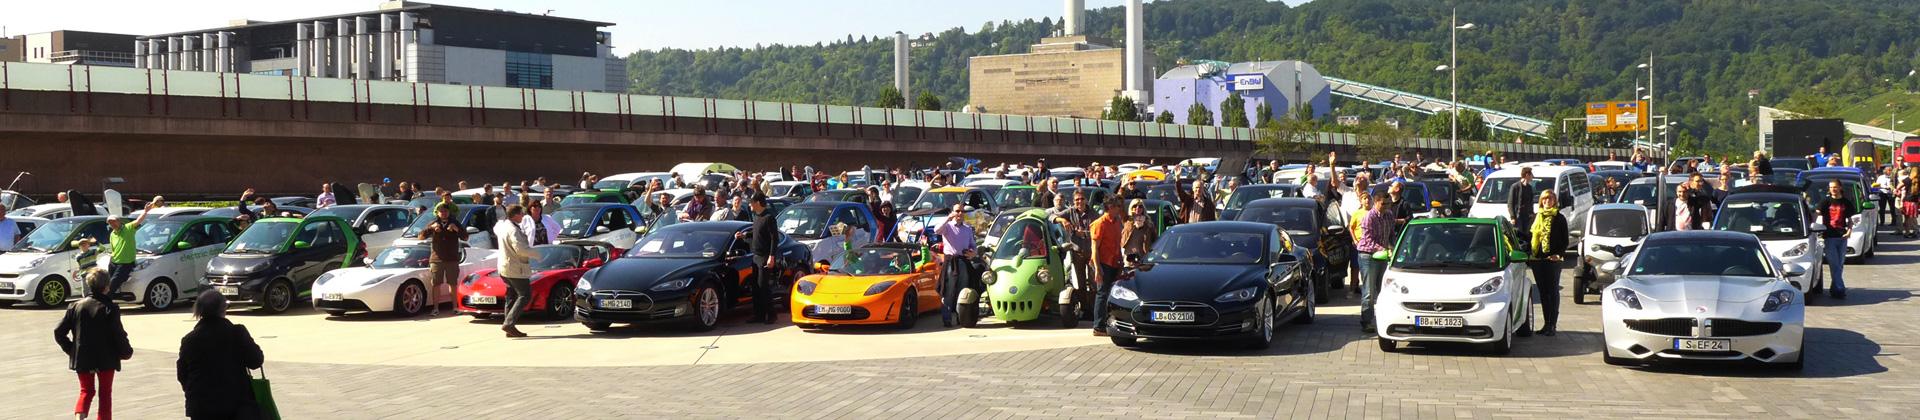 Aufstellung zum Elektroauto-Weltrekord 2014 in Stuttgart.